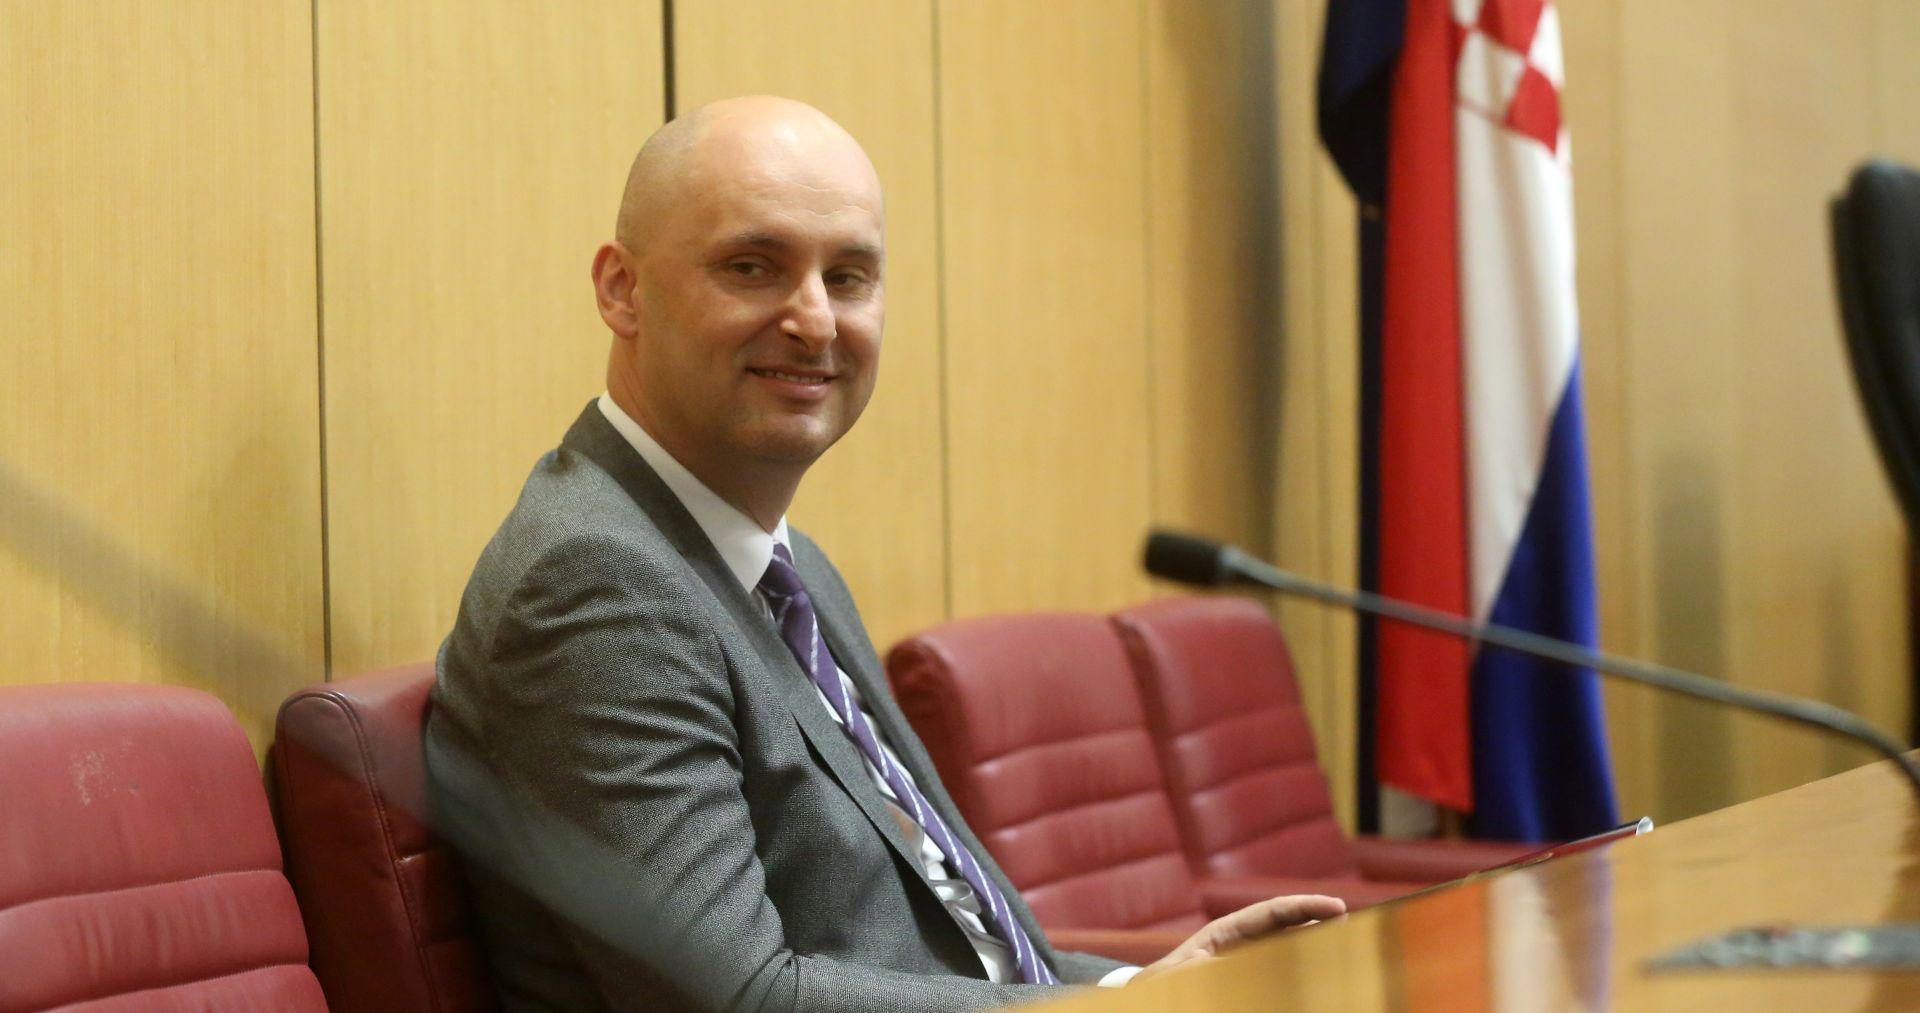 'Razgovor s premijerom zatražila je Adris grupa'